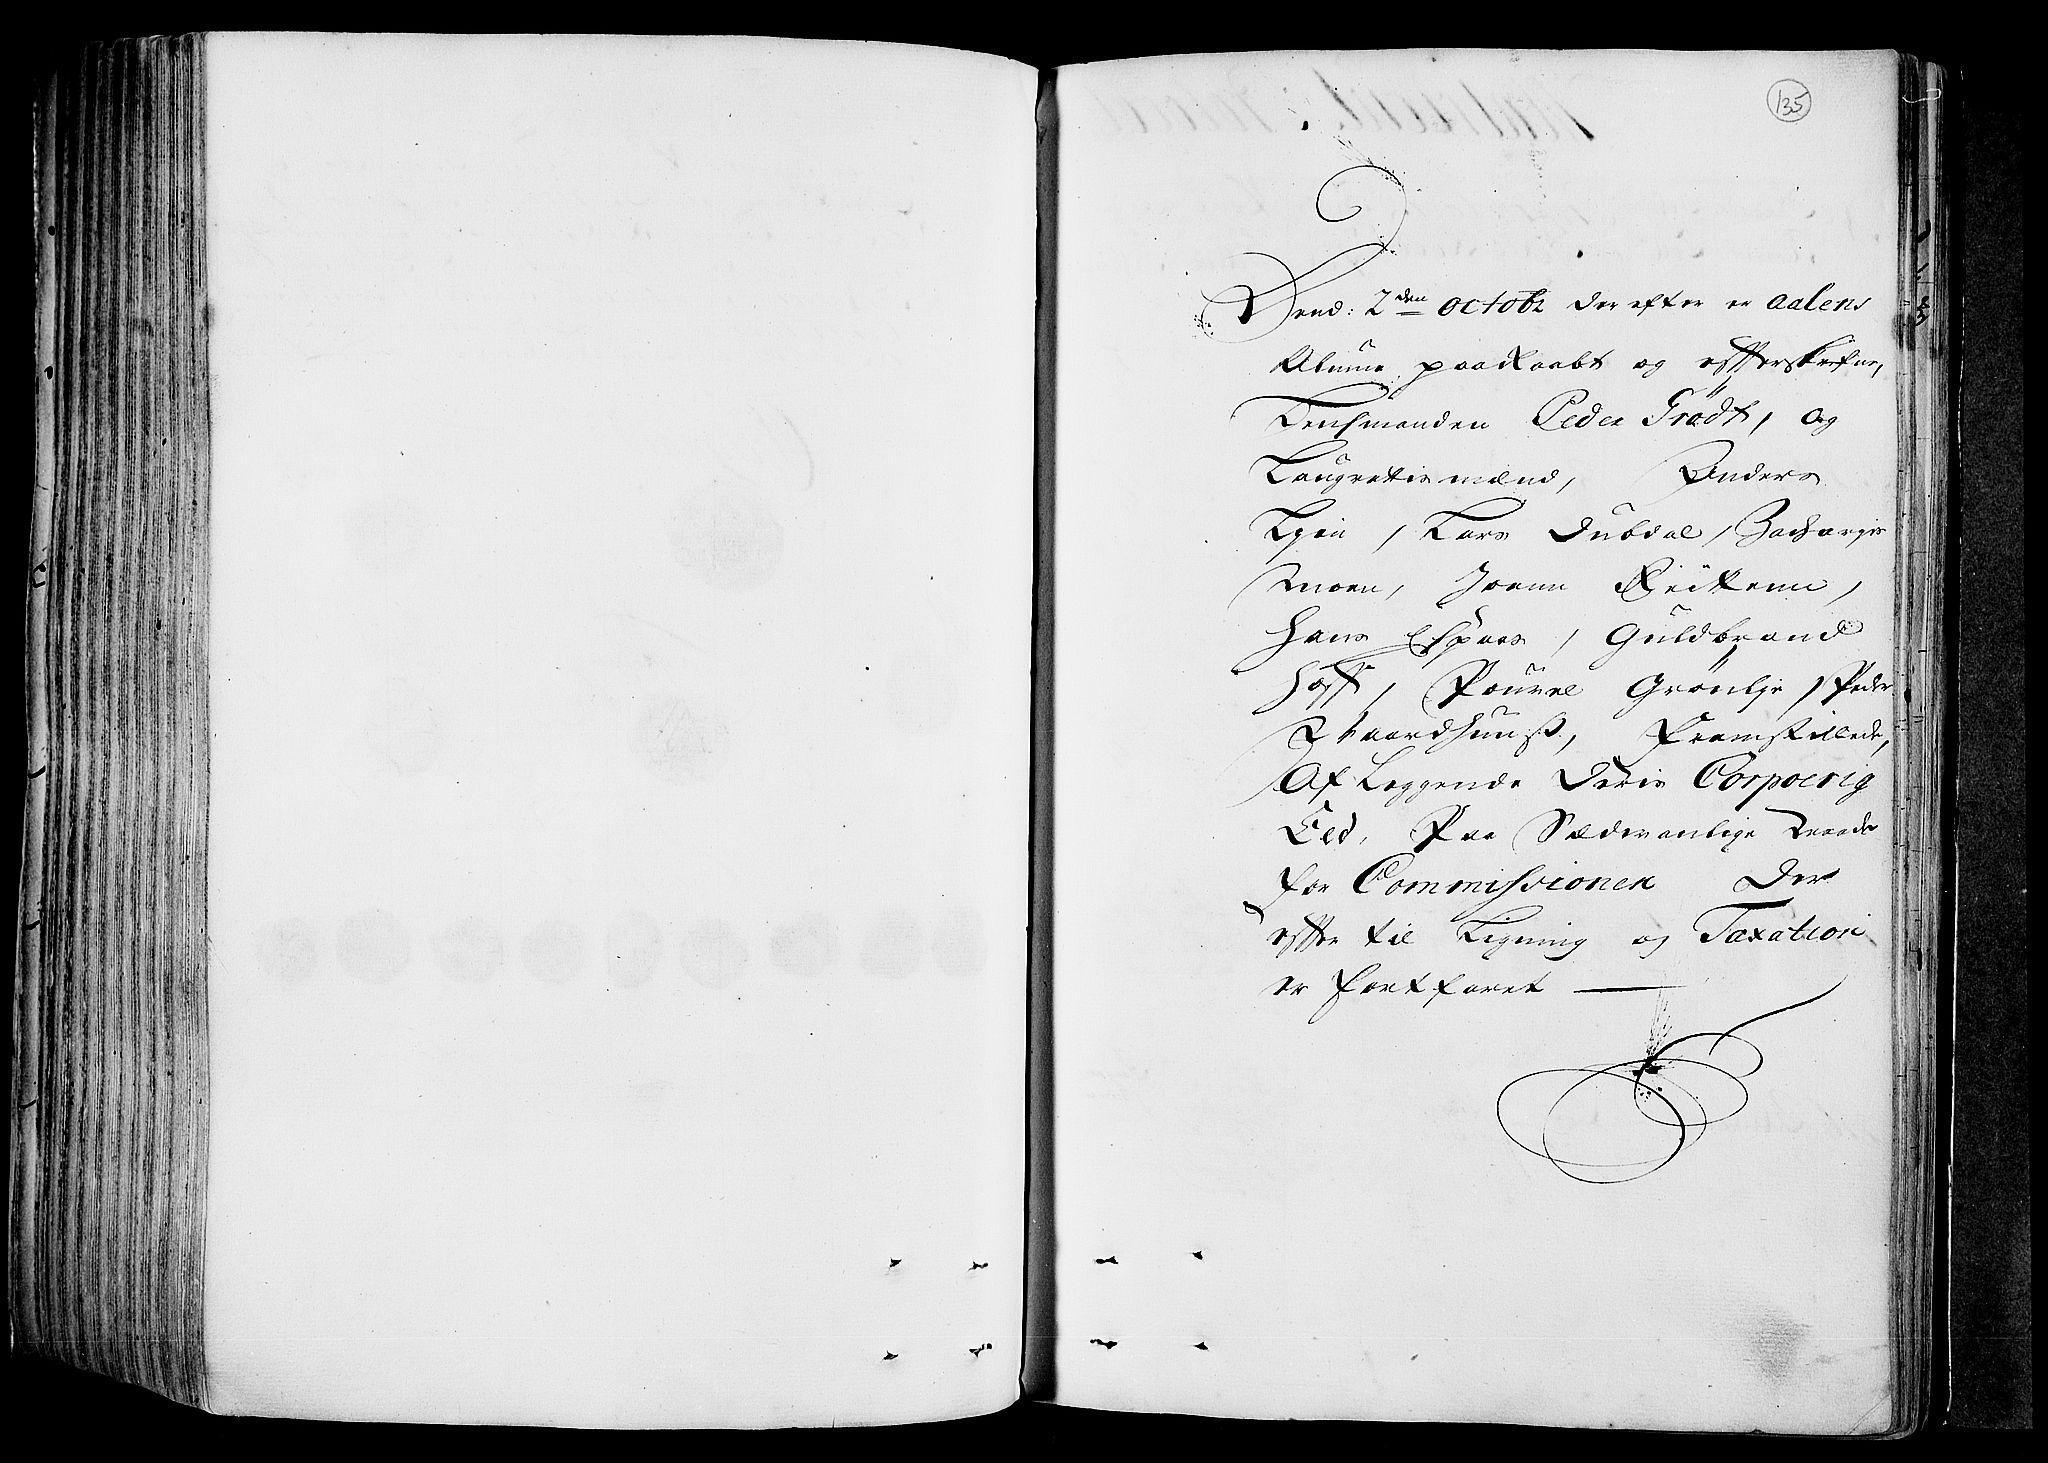 RA, Rentekammeret inntil 1814, Realistisk ordnet avdeling, N/Nb/Nbf/L0158: Gauldal eksaminasjonsprotokoll, 1723, s. 134b-135a